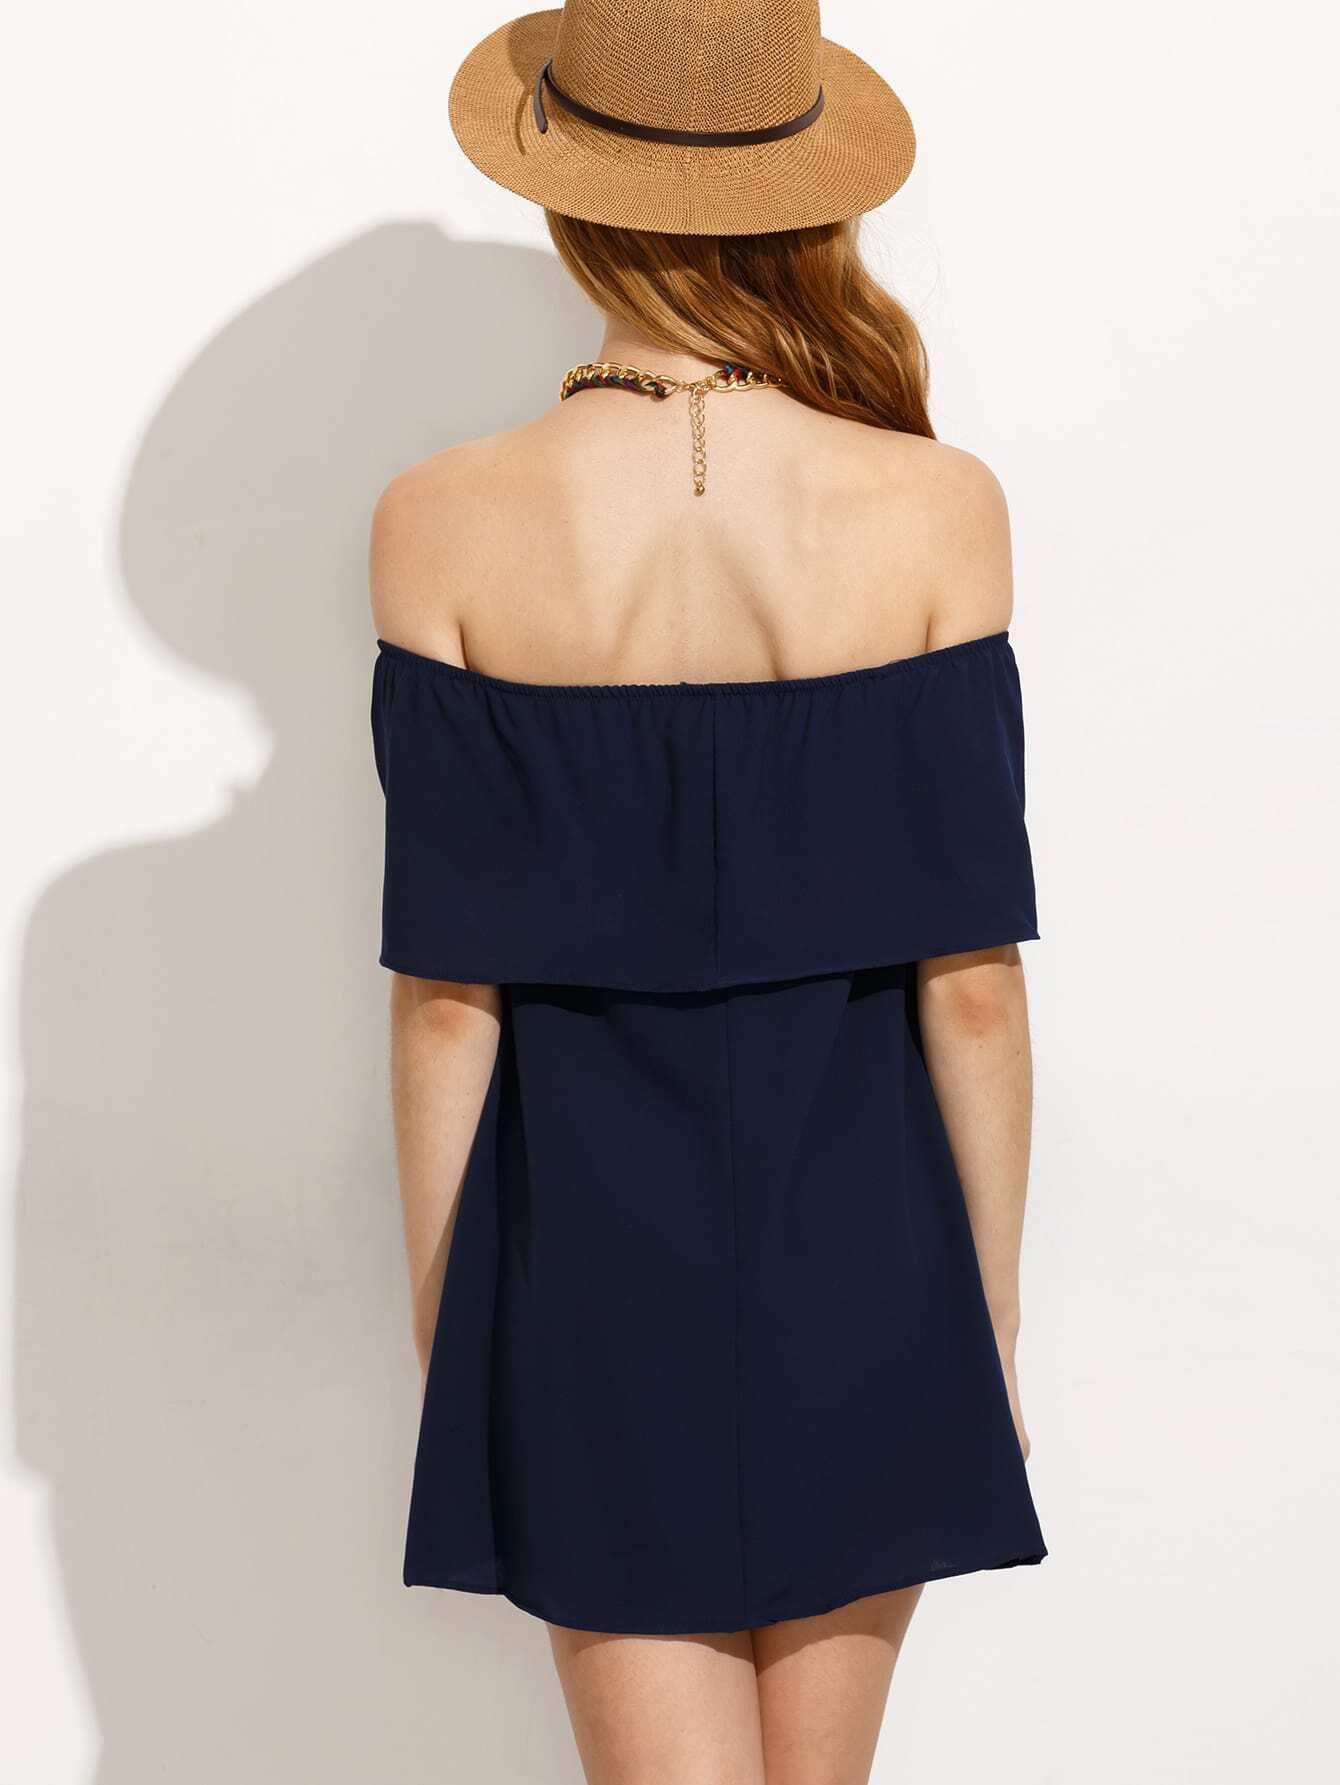 dress160729304_2